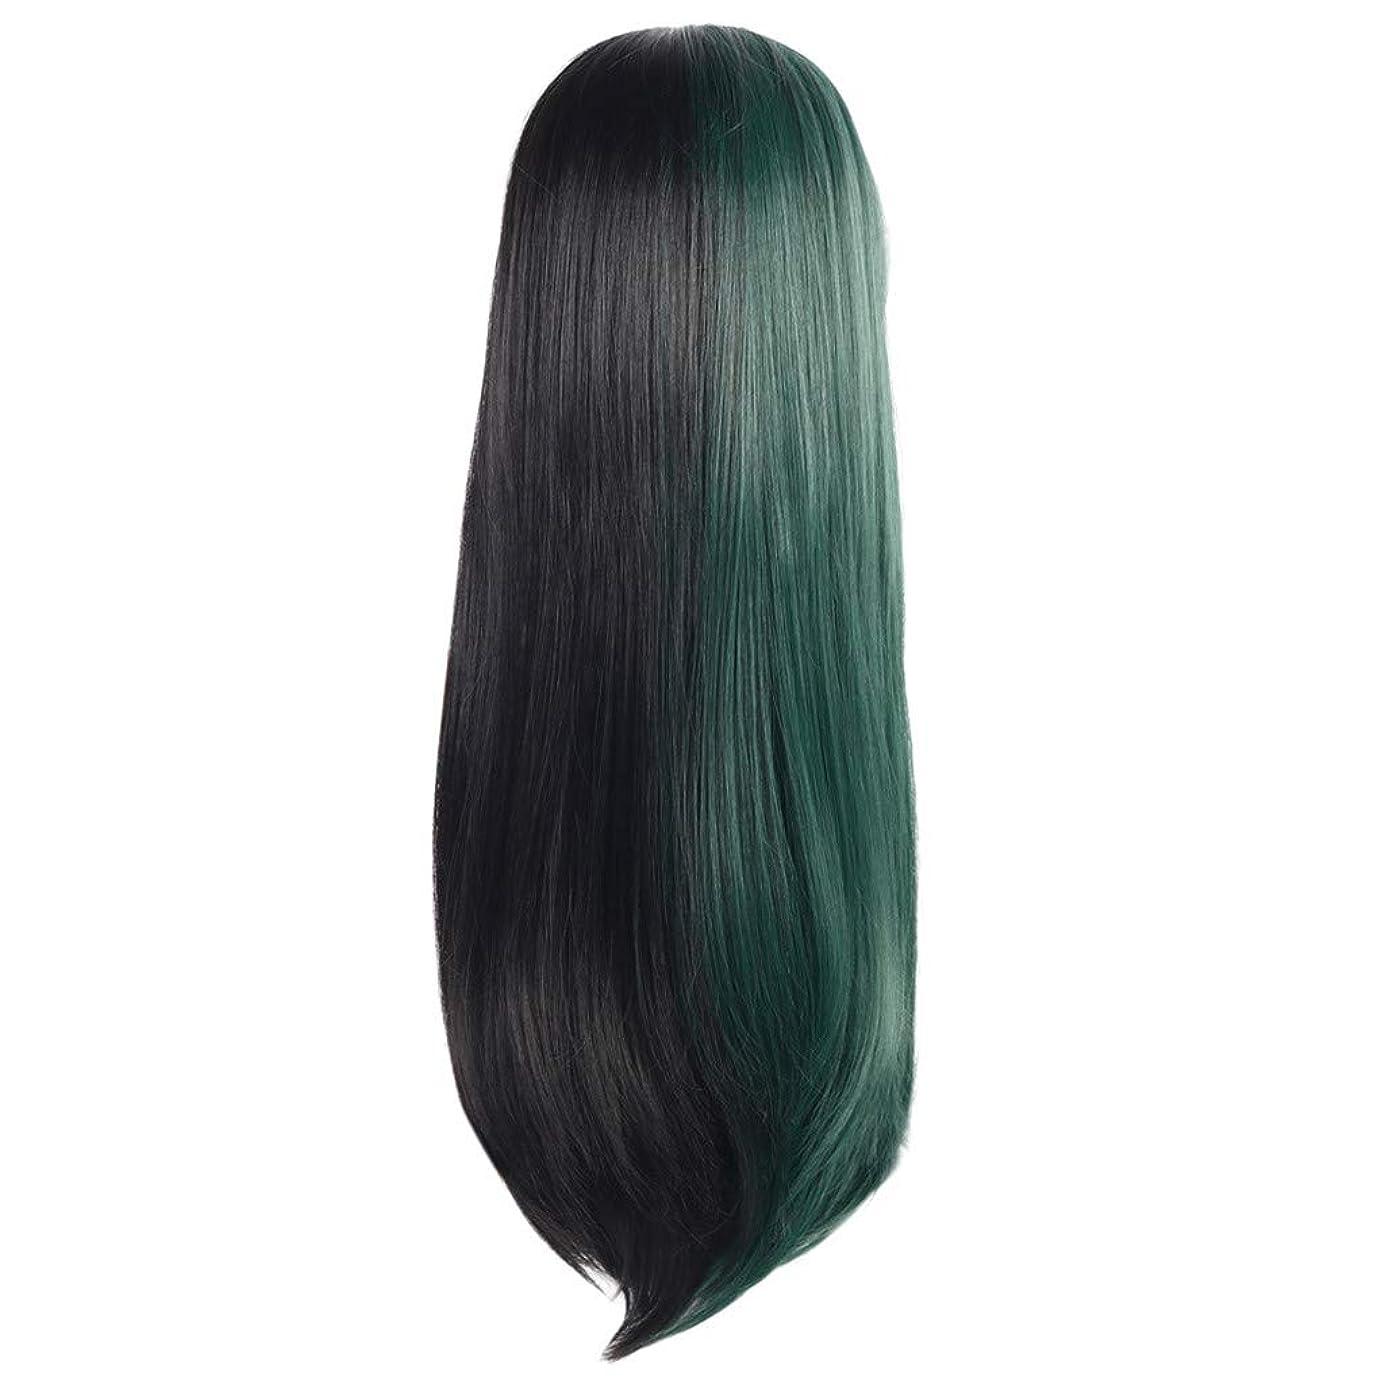 準備アンプ冷蔵する女性の長いストレートの髪黒緑のかつら創造的な性格かつらローズネット